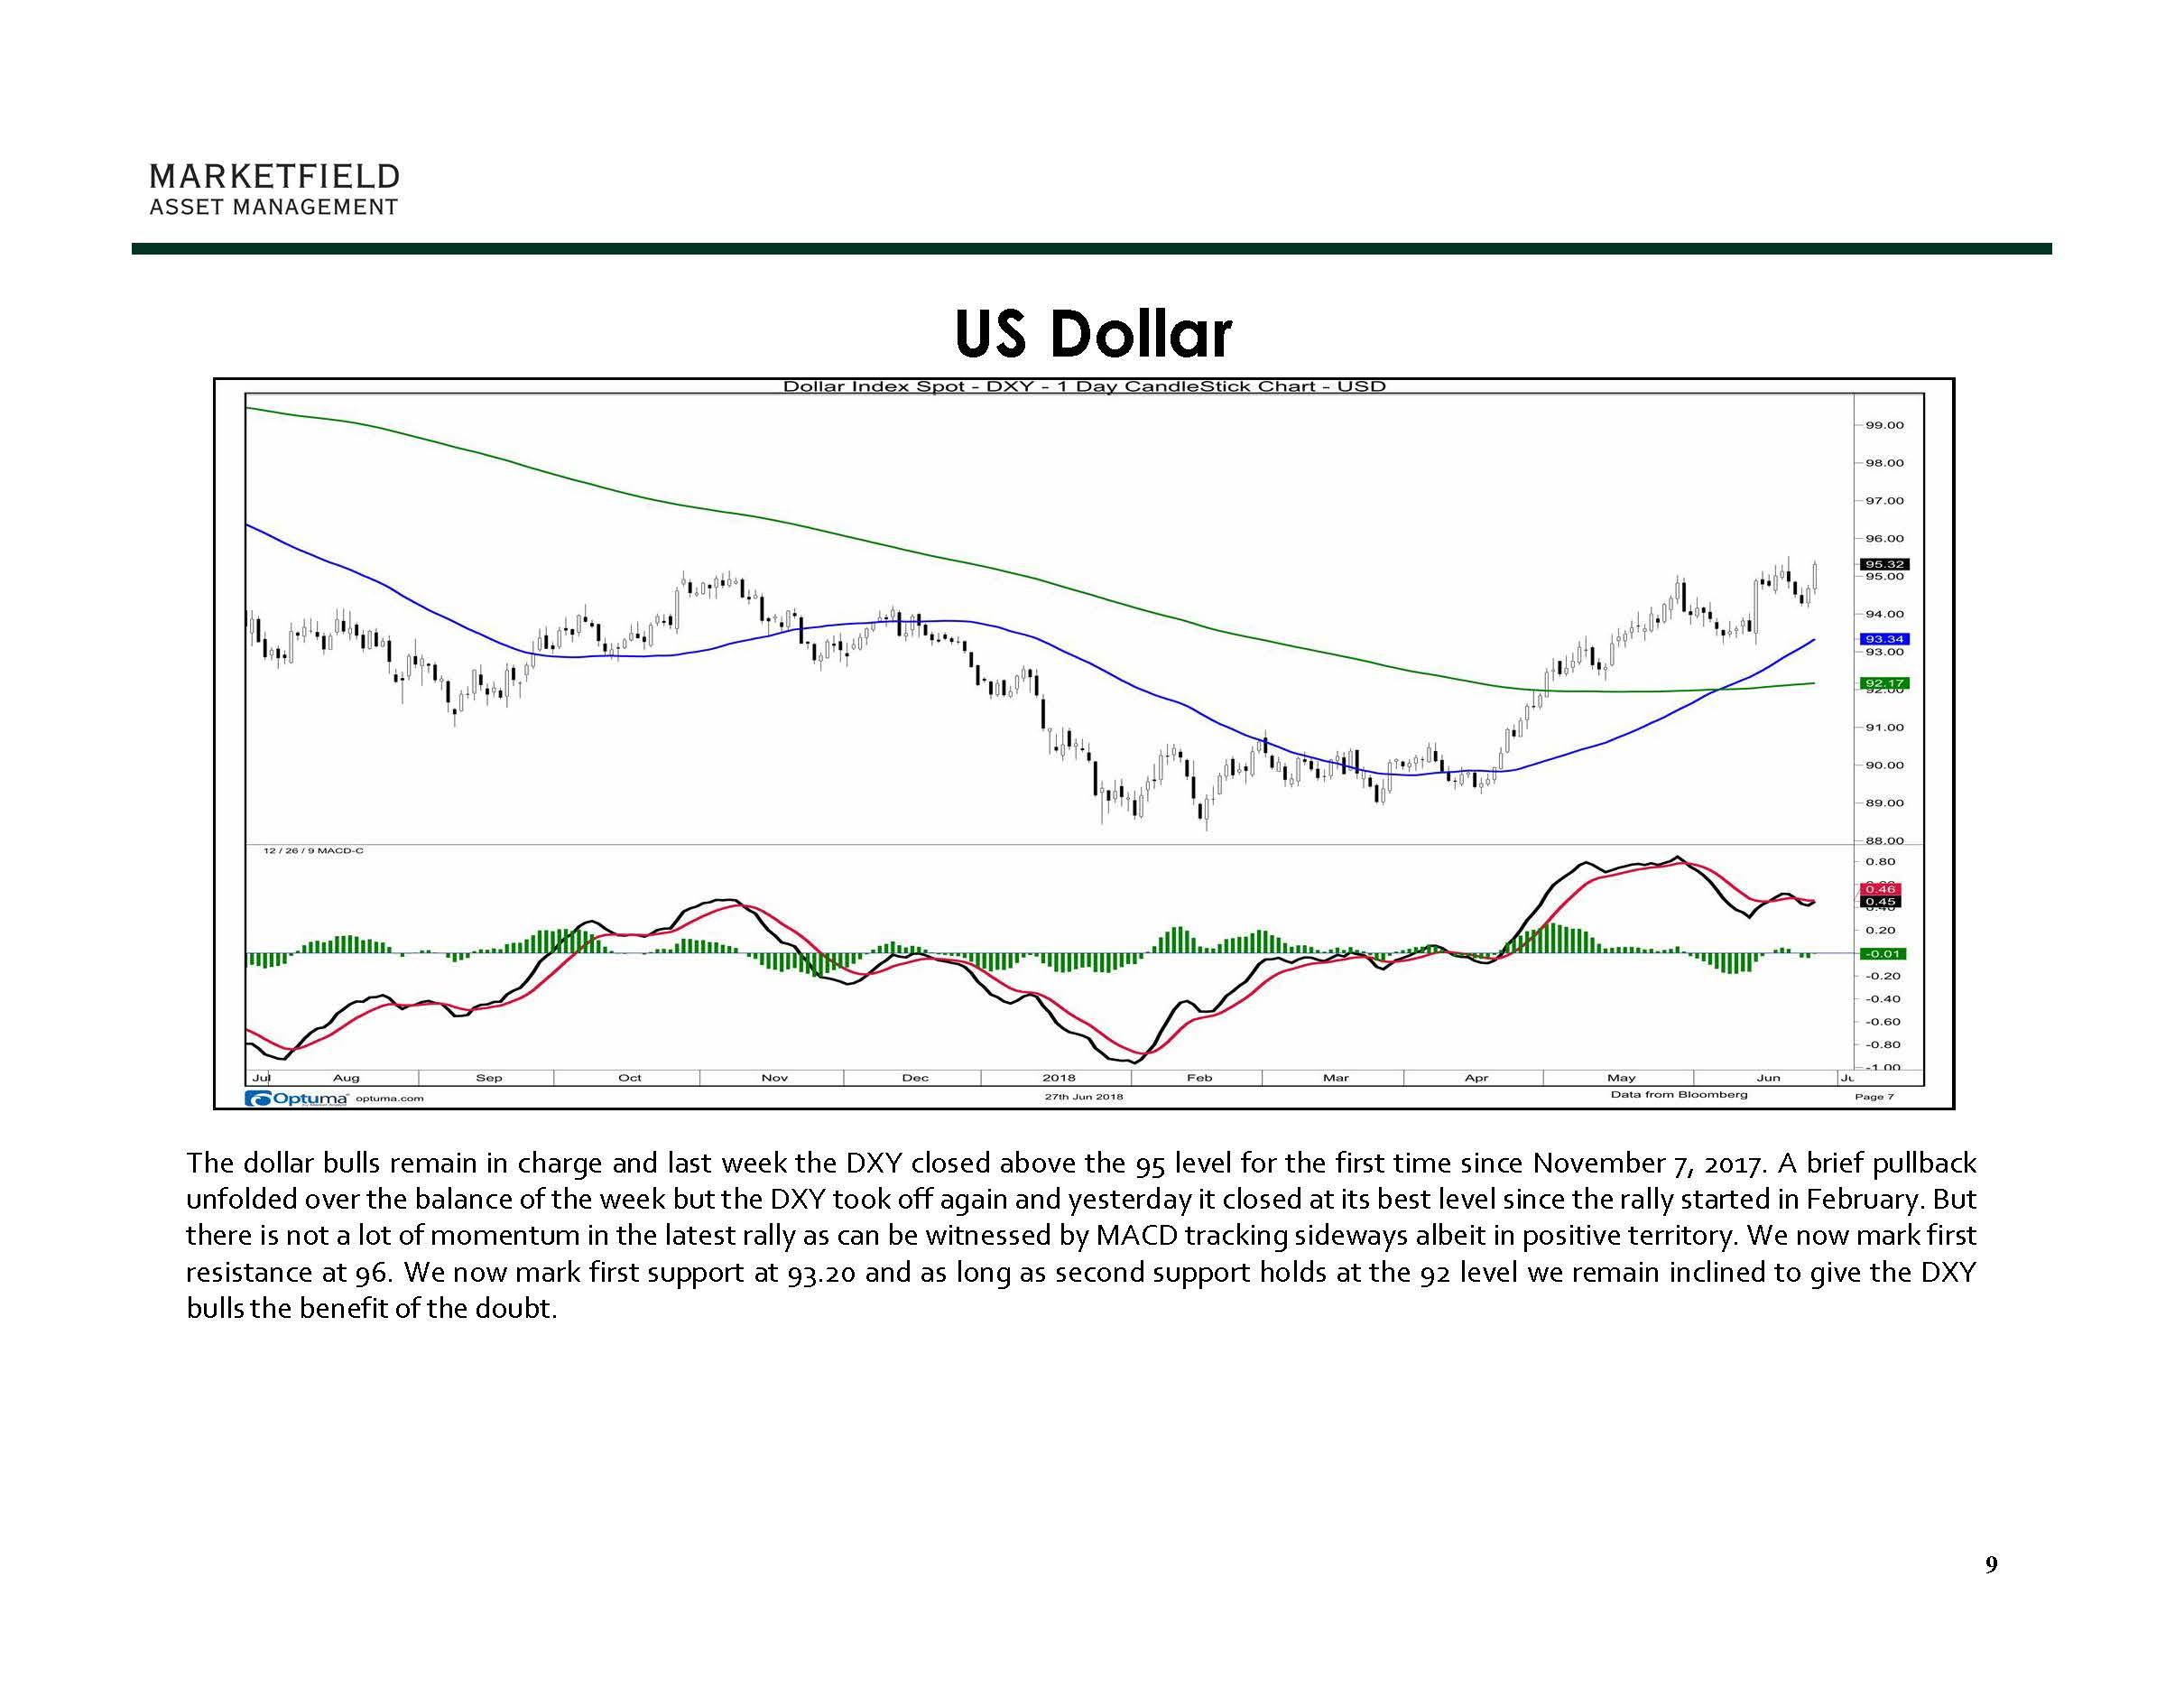 6-28-18_Weekly Speculator_Page_10.jpg